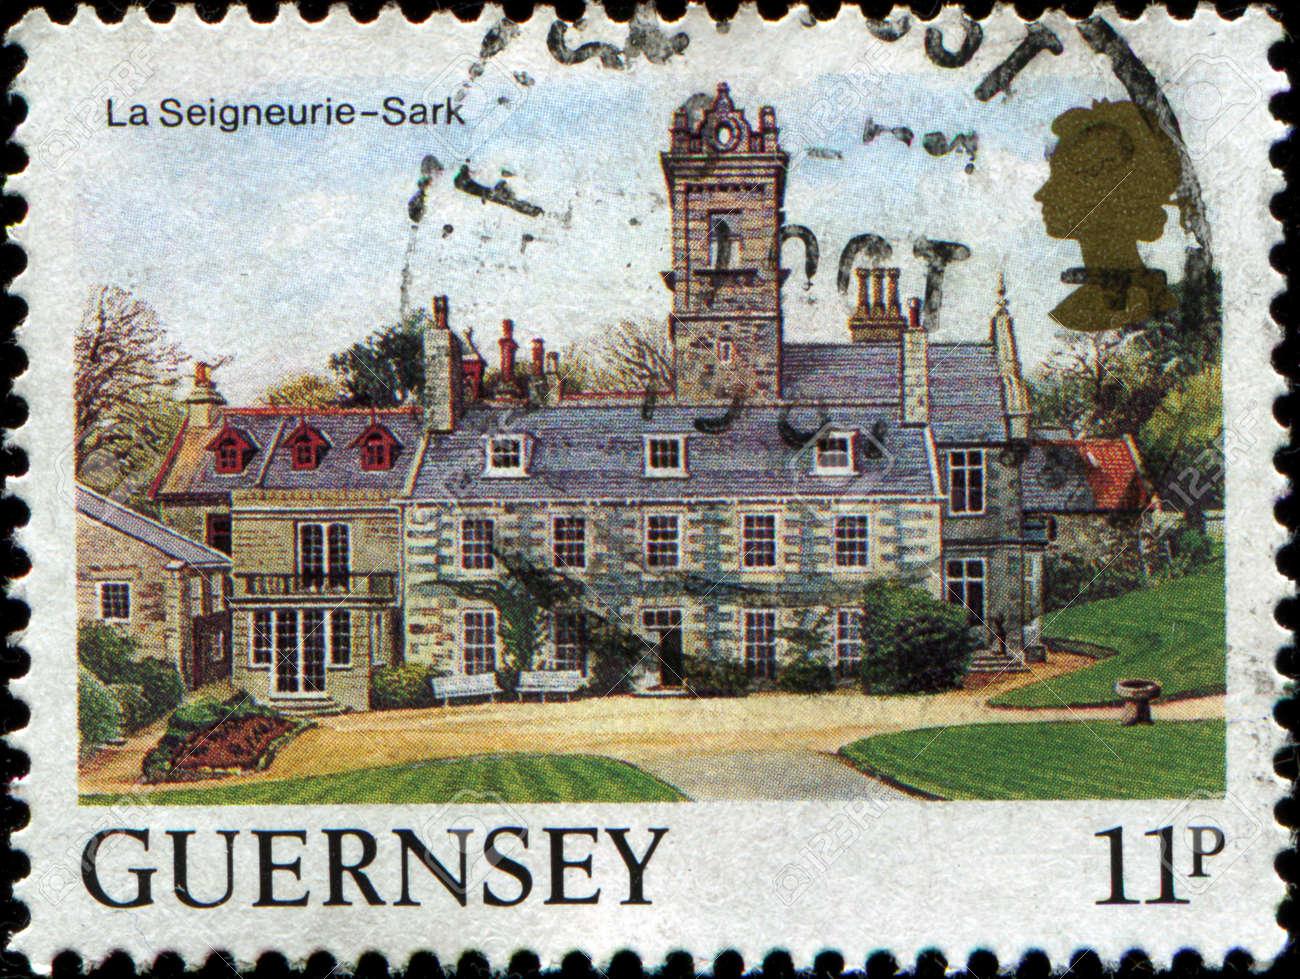 GUERNSEY - CIRCA 1984  A stamp printed in  Guernsey shows Views La Seigneurie, Sark, circa 1984 Stock Photo - 17269750